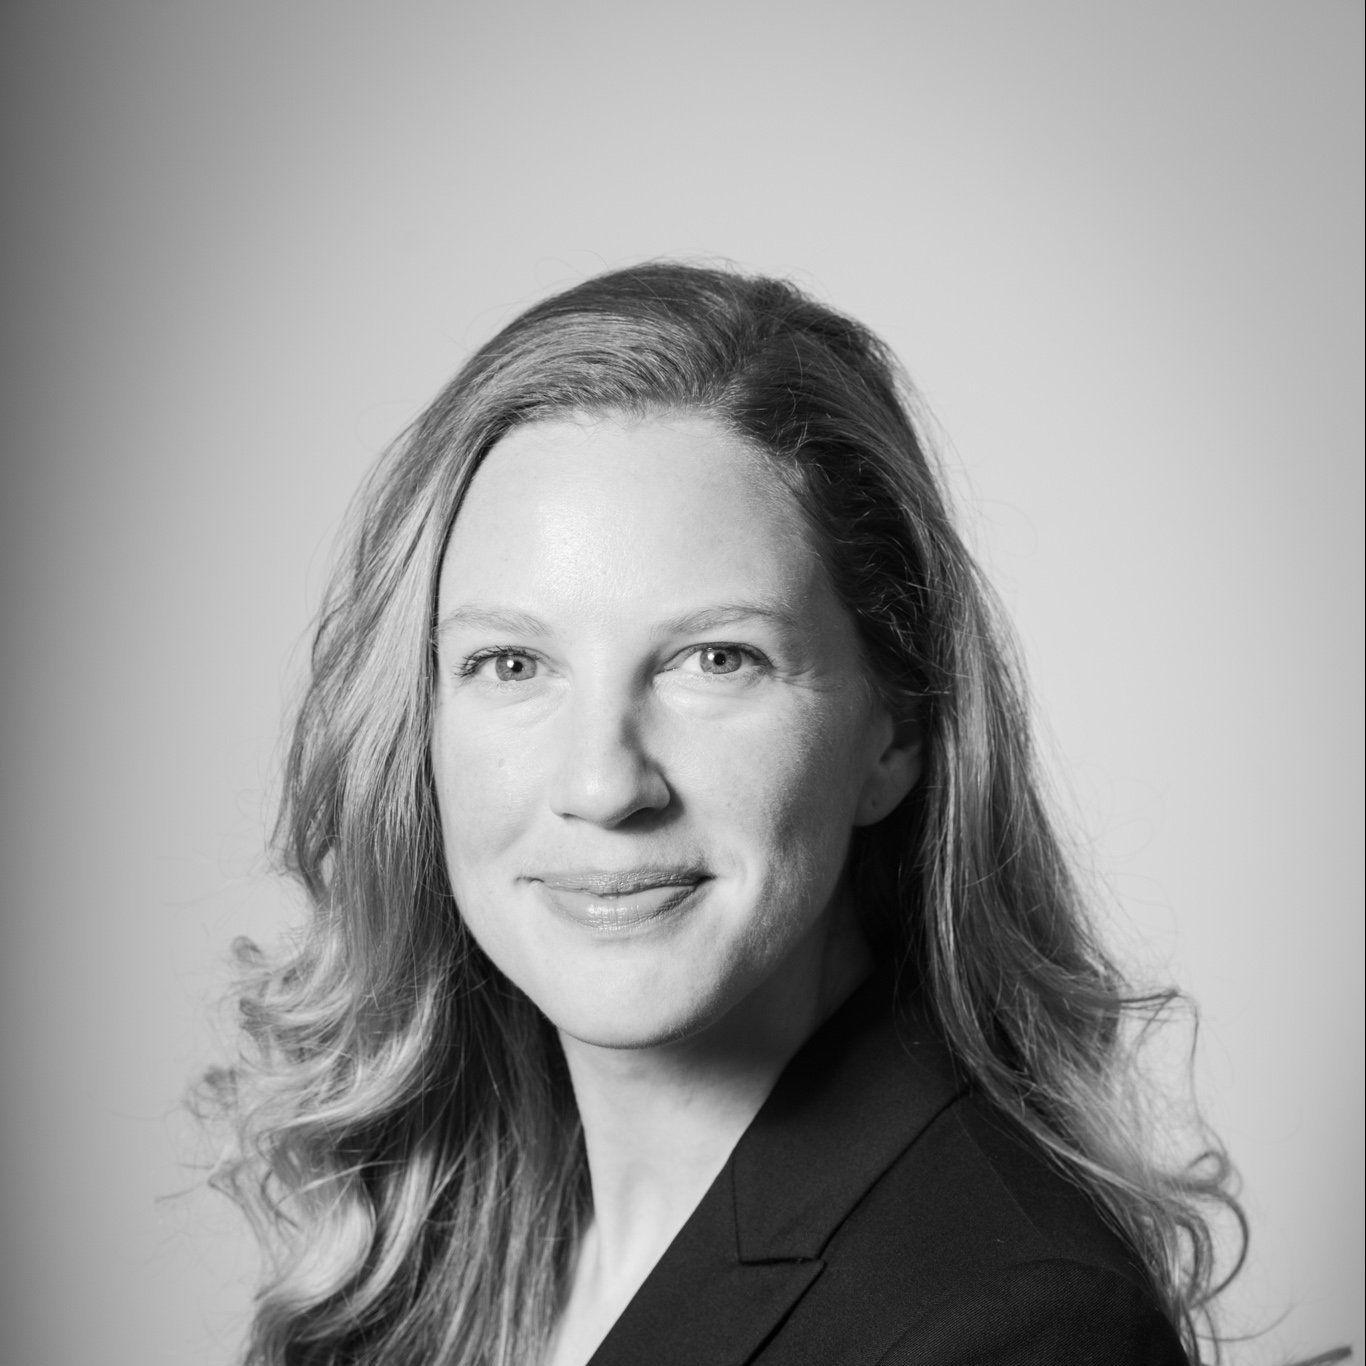 Sierra Peterson